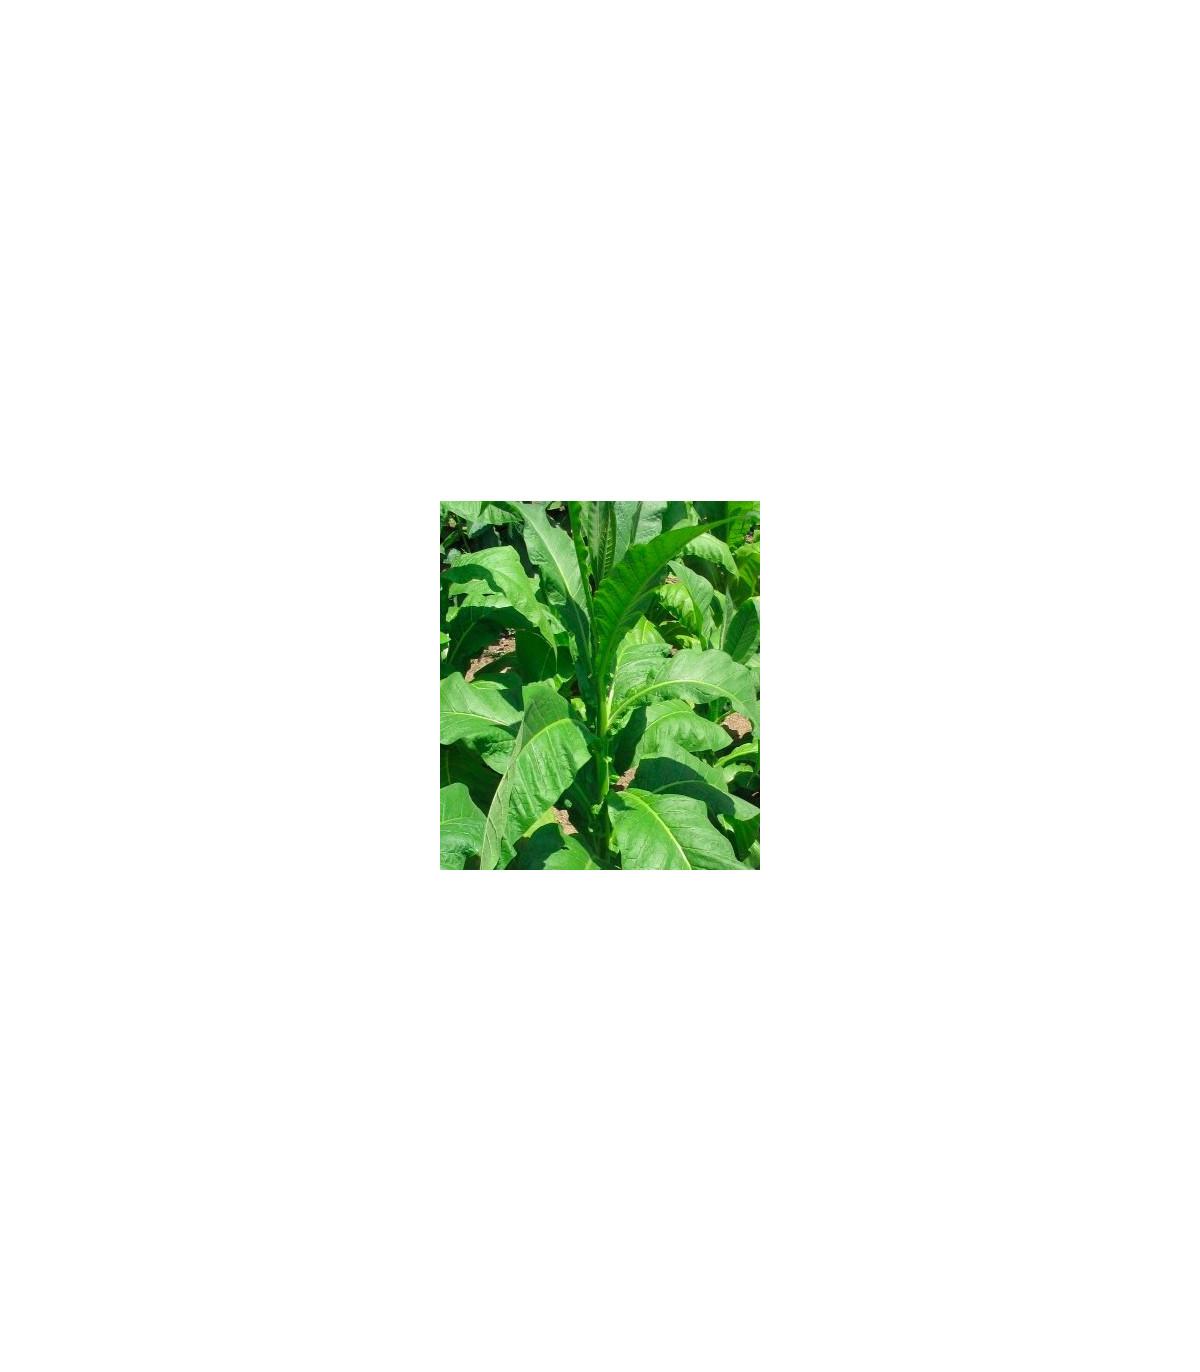 Tabák Orinoco - semena Tabáku - Nicotiana tabacum - 25 ks